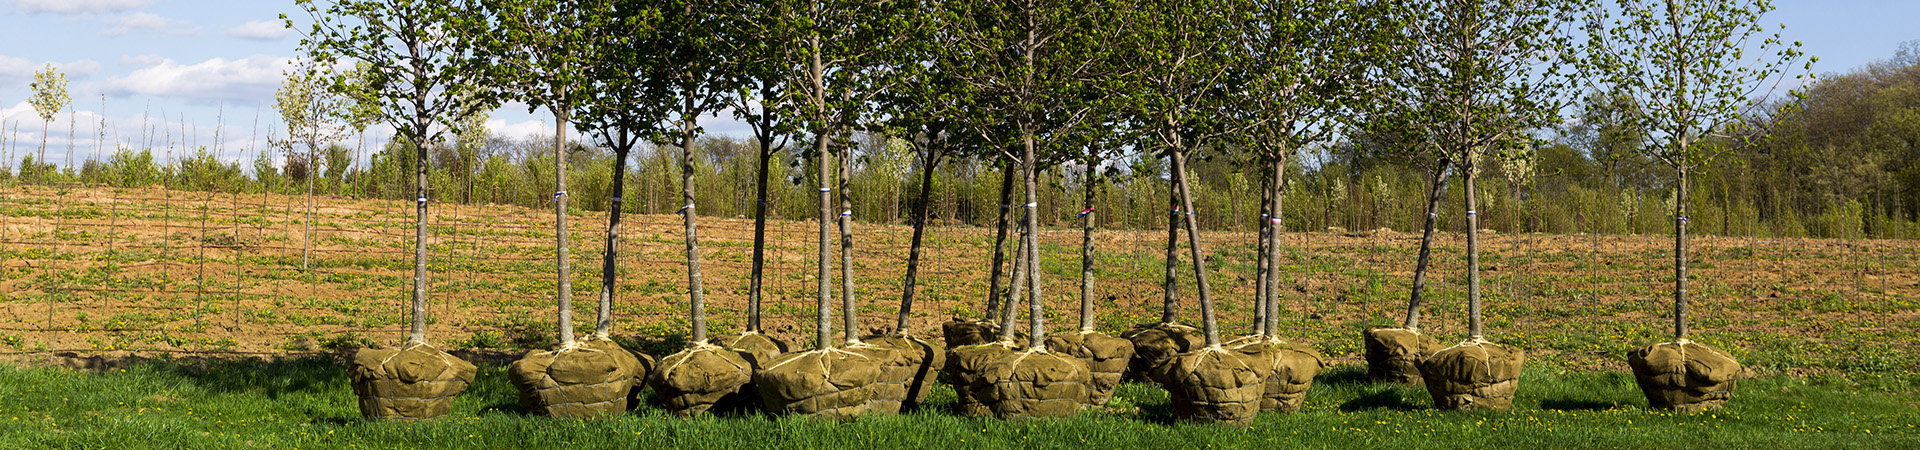 planterings träd som står på marken i sin rotklump vid ett odlings område. förberädelse till nyplantering.